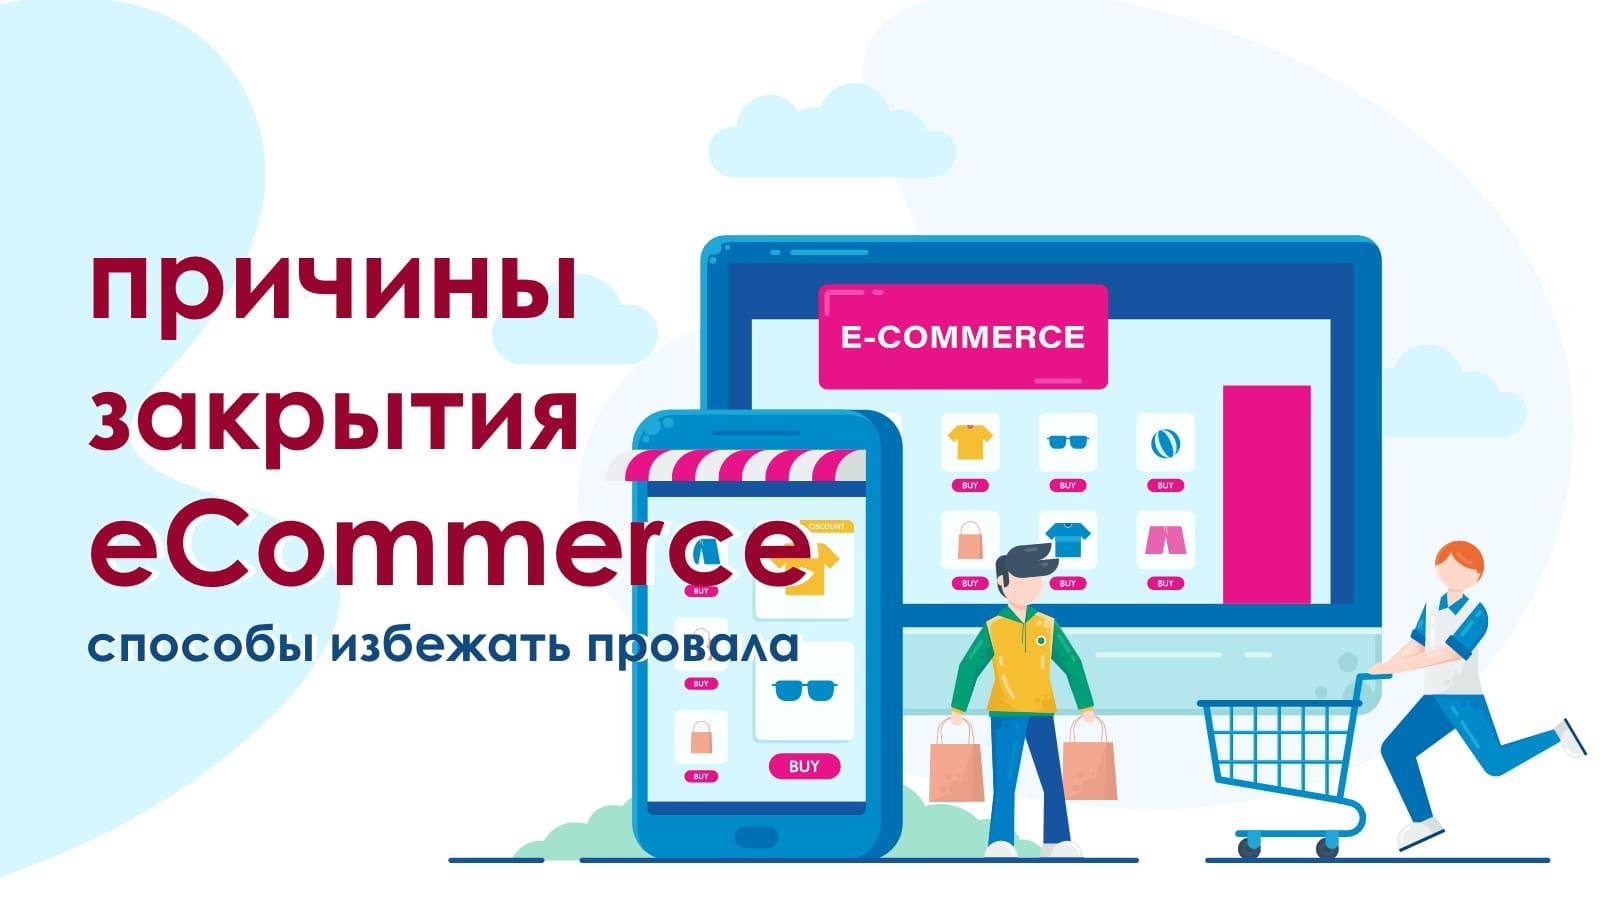 Причины закрытия интернет-магазинов и способы избежать провала